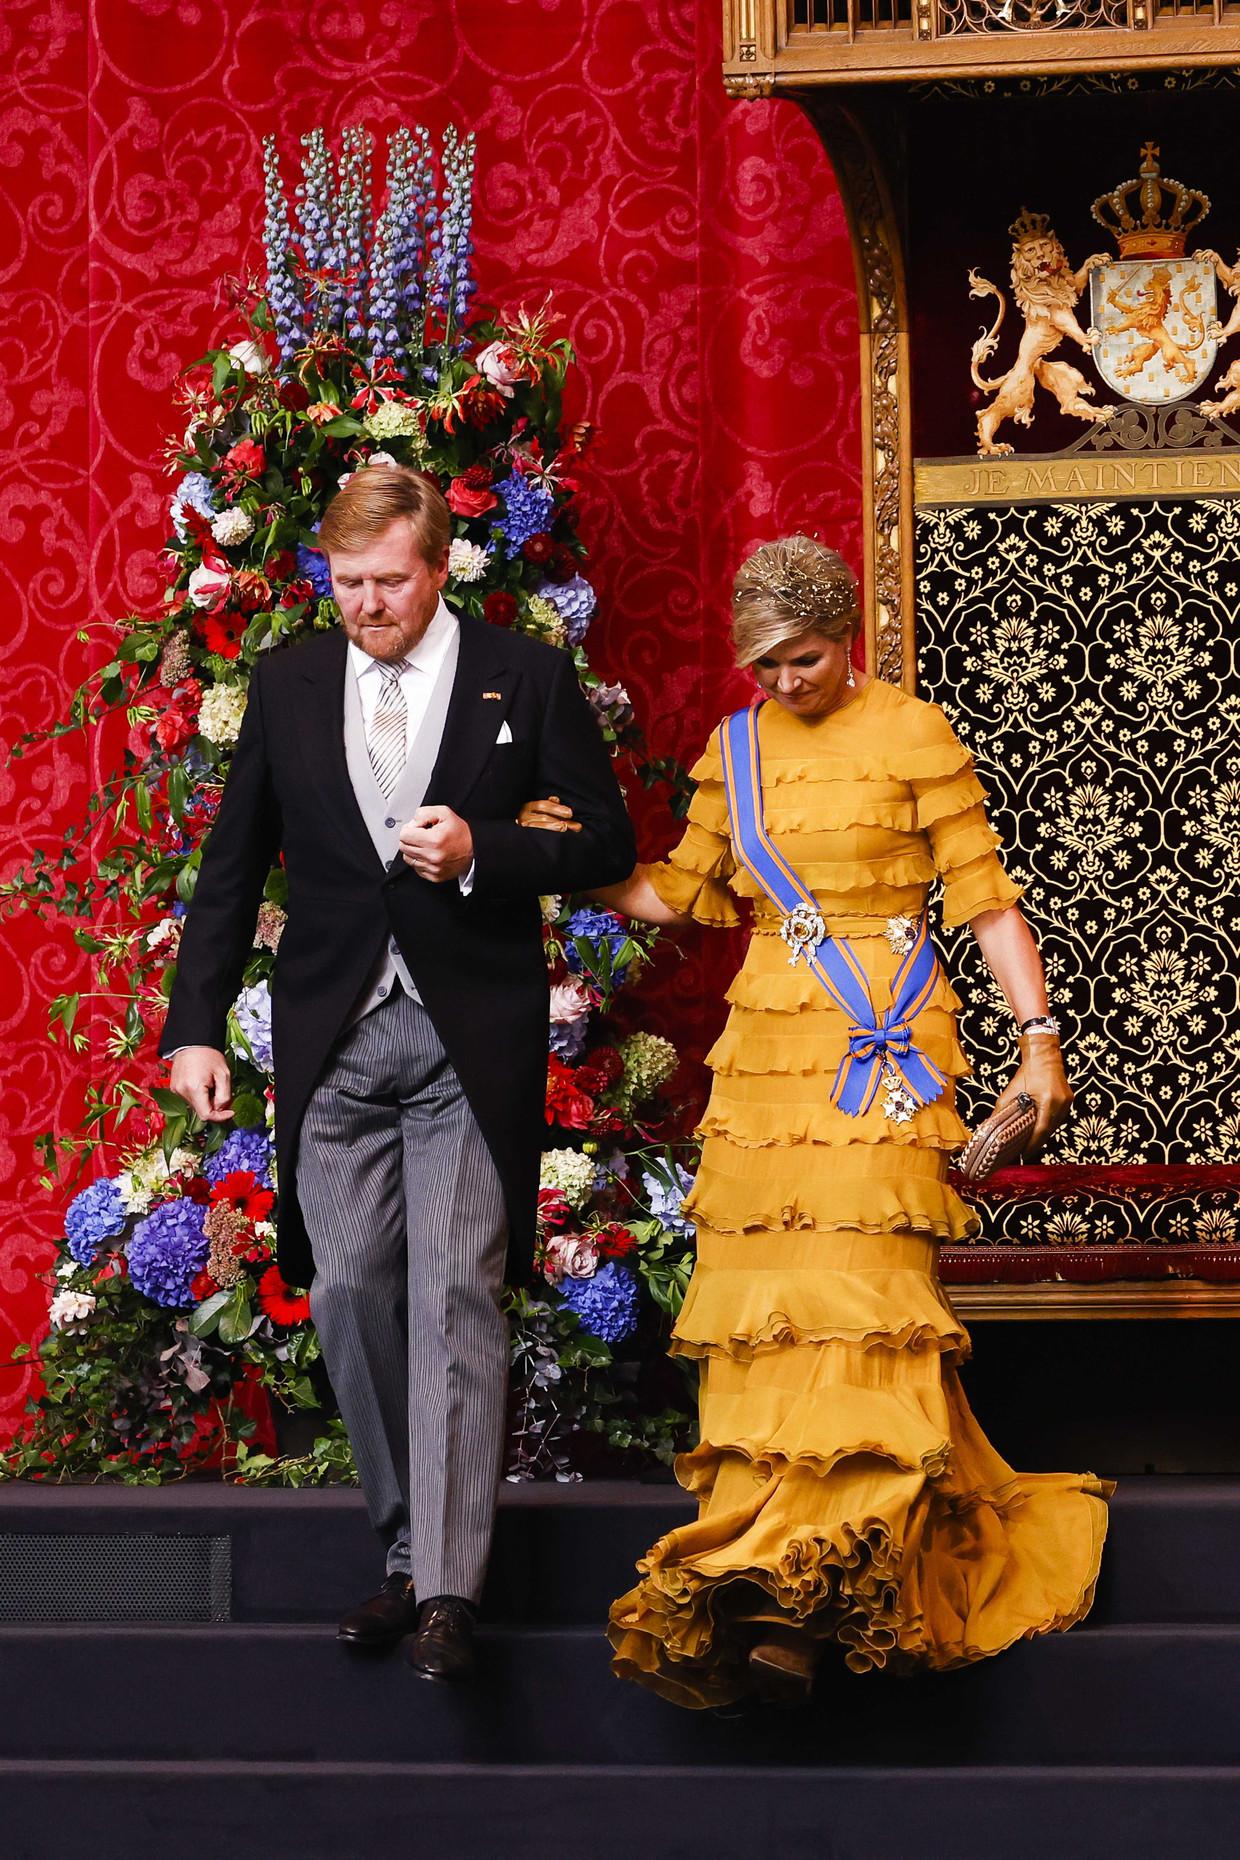 Koning Willem-Alexander en koningin Máxima na het uitspreken van de troonrede op Prinsjesdag in de Grote Kerk in Den Haag.  Beeld Koen van Weel / ANP